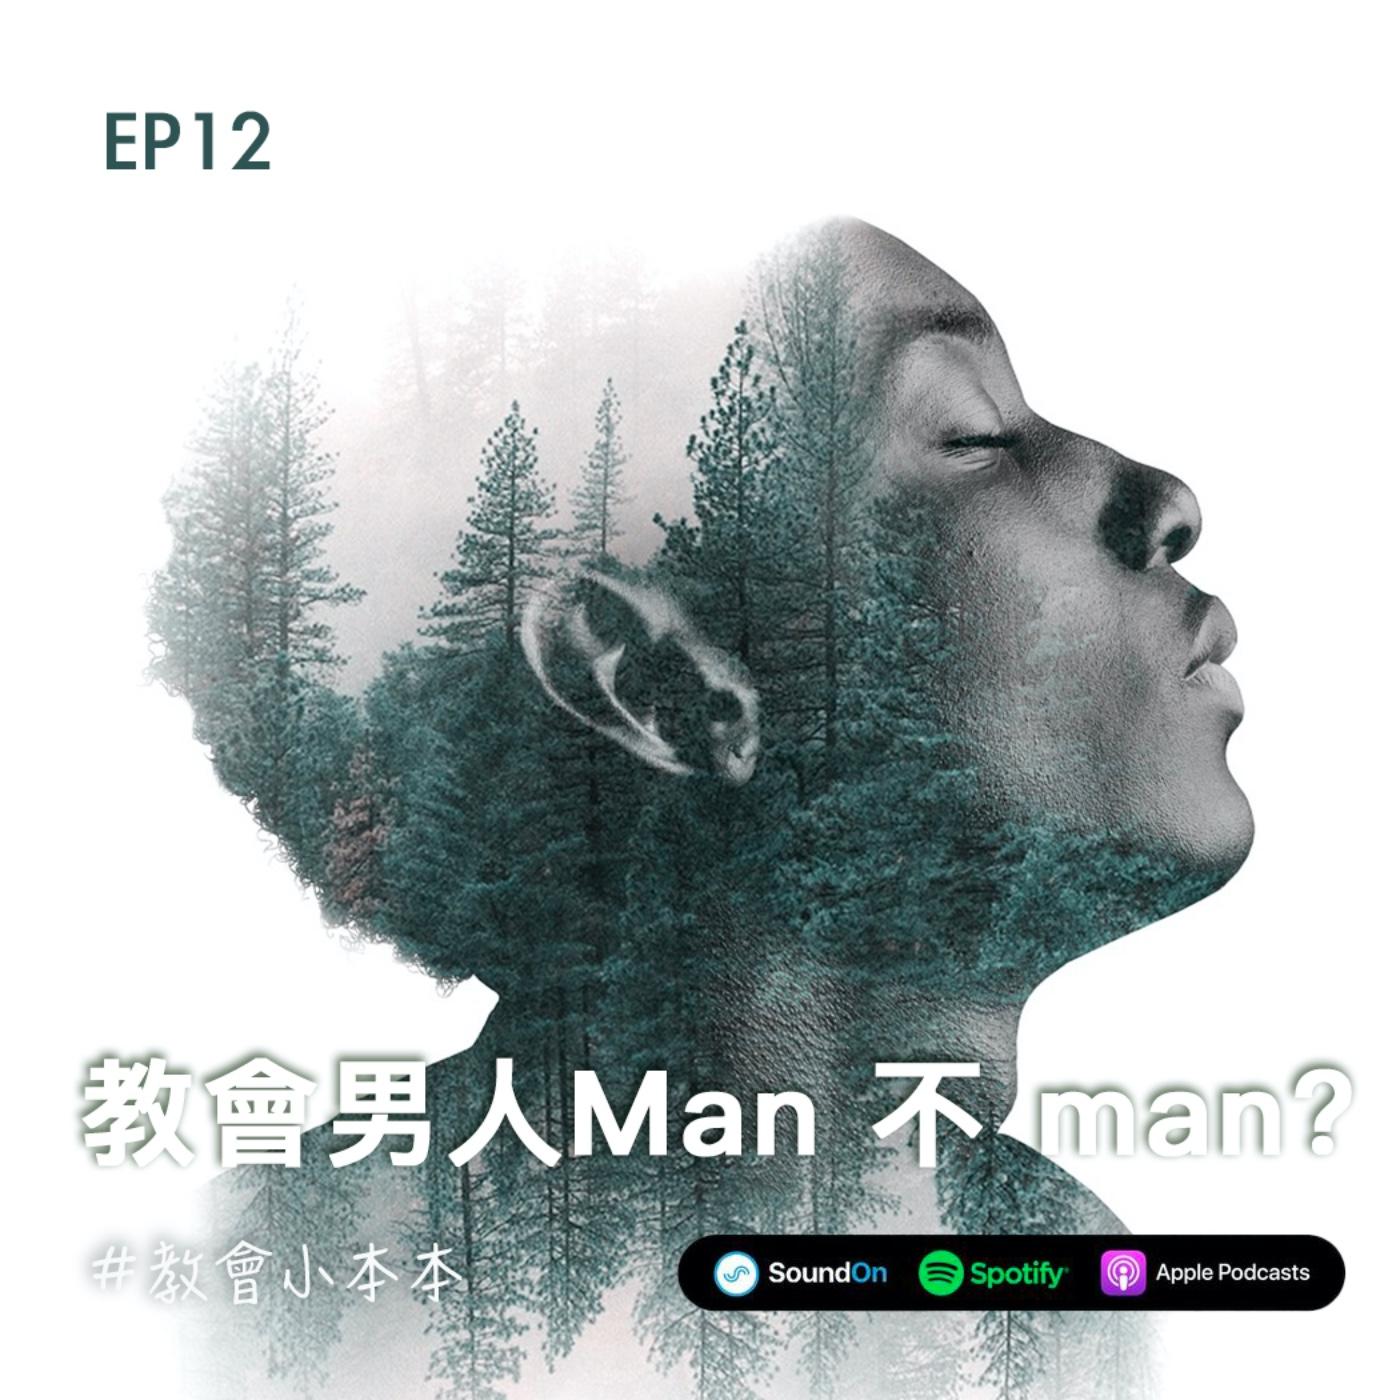 S1E12 教會男人Man 不 Man?